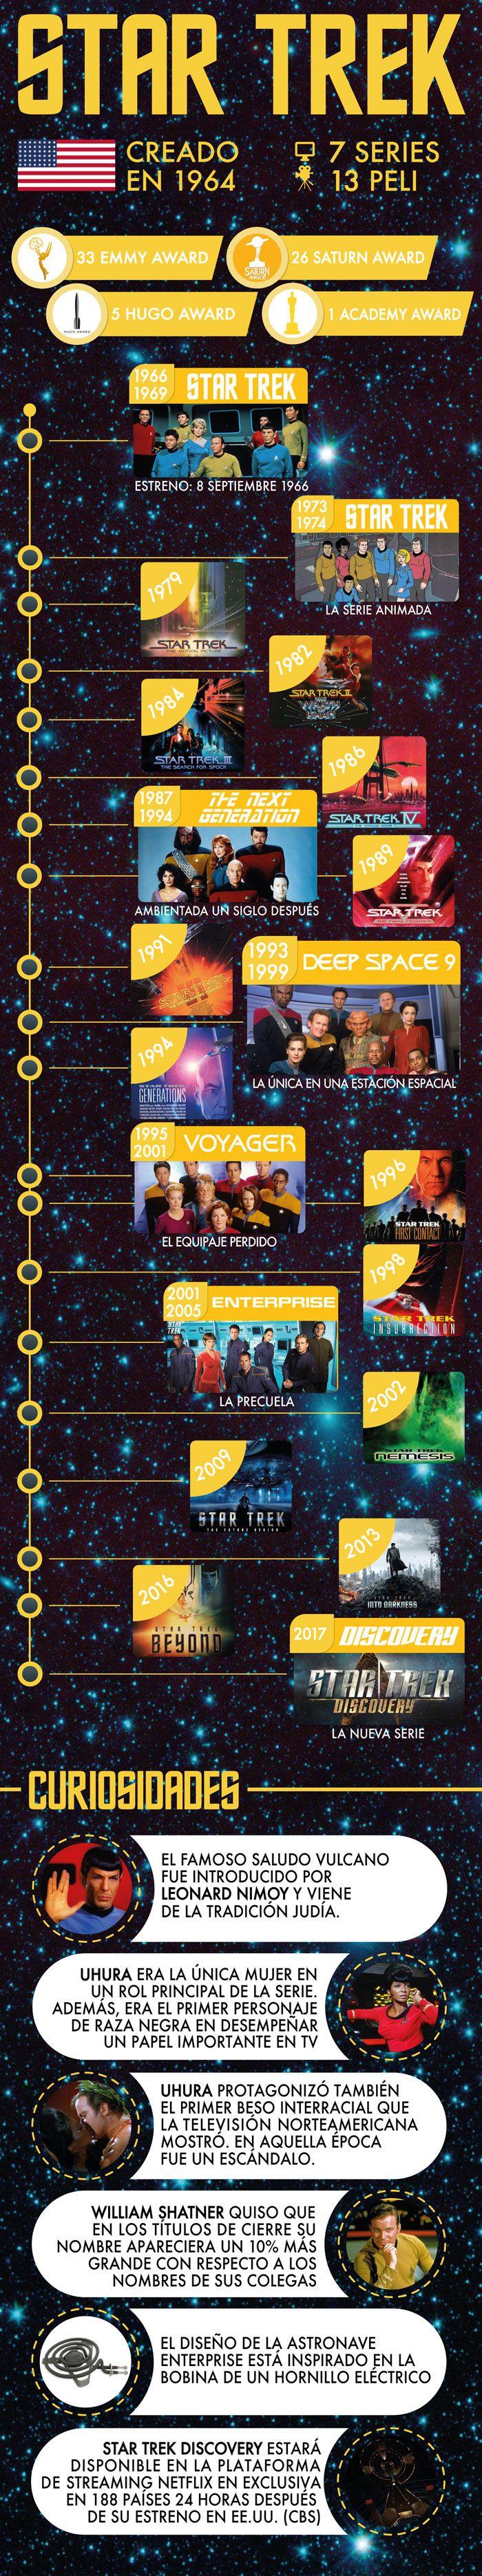 Infografia de la serie Star Trek